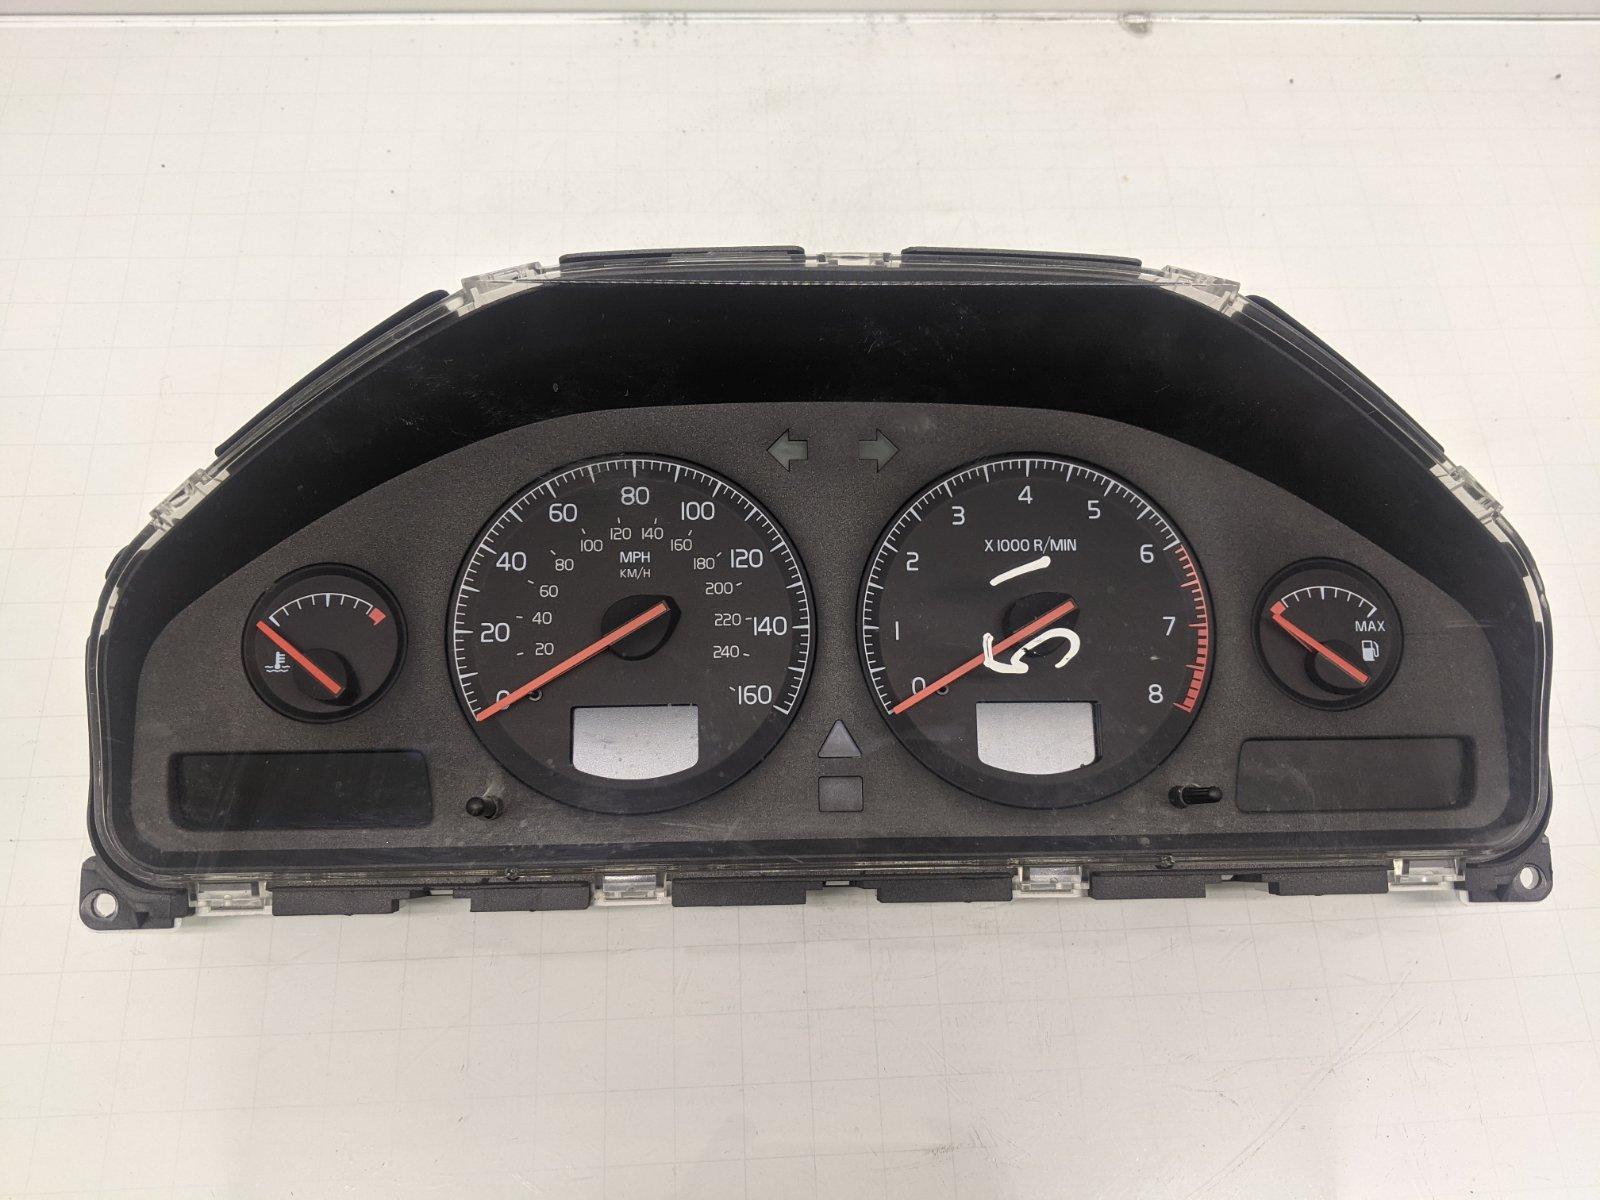 Щиток приборов (приборная панель) Volvo Xc70 2.4 TI 2001 (б/у)